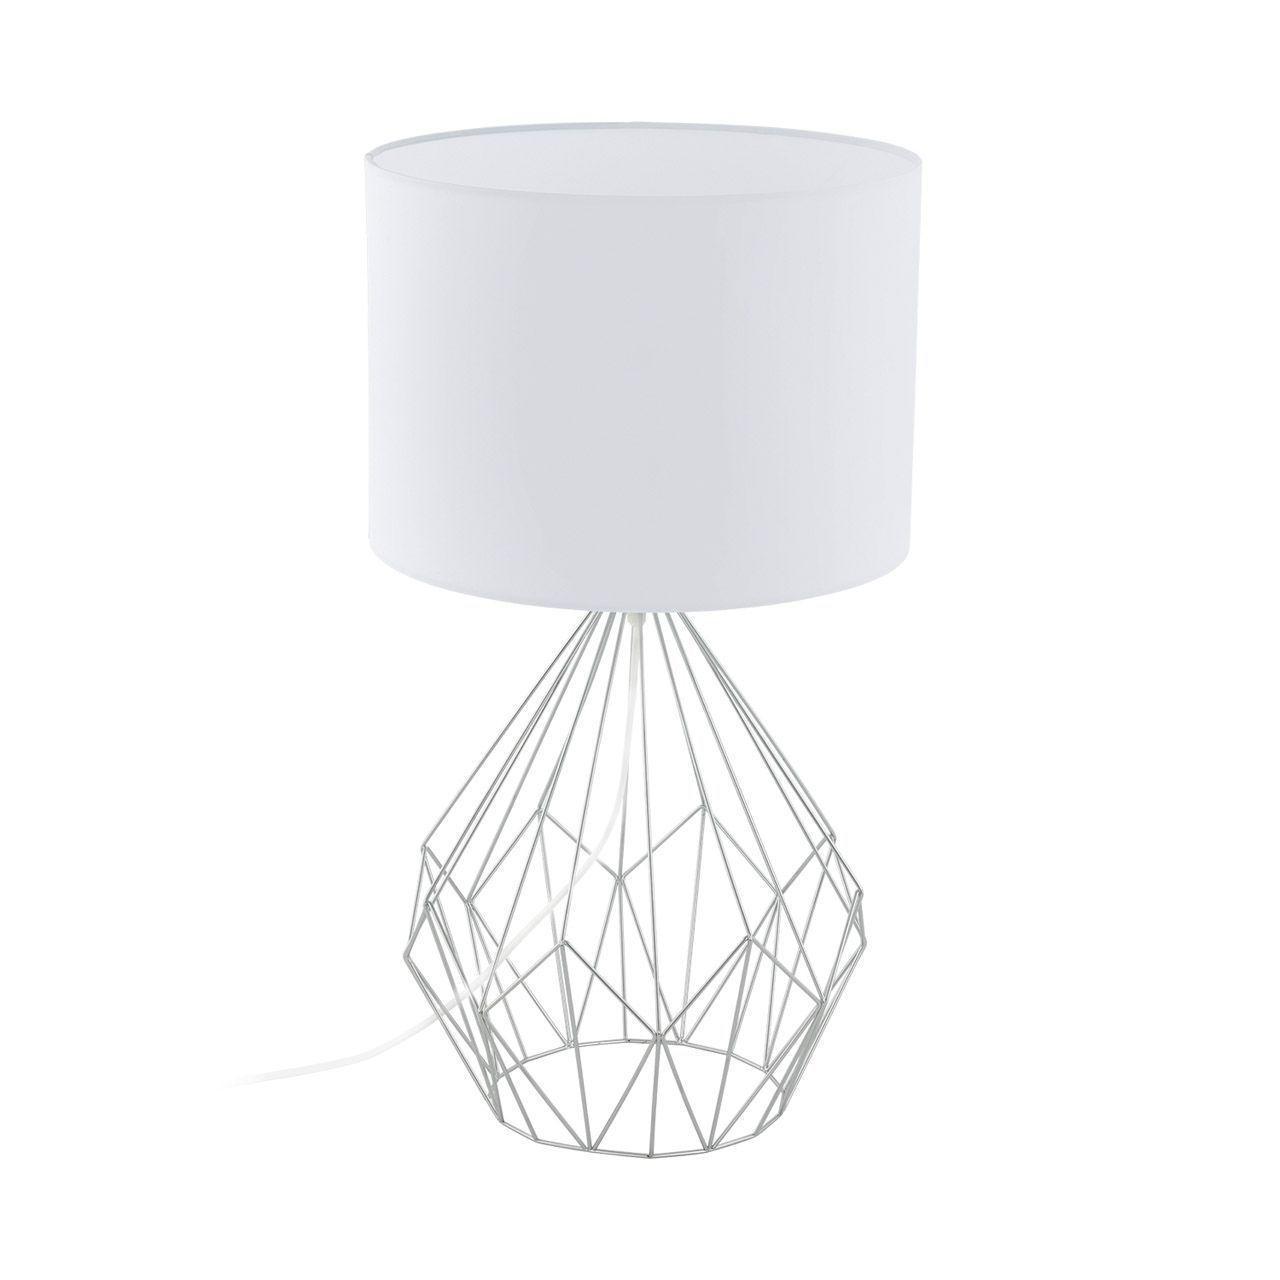 Настольная лампа Eglo Pedregal 1 95187 настольная лампа eglo pedregal 1 95187